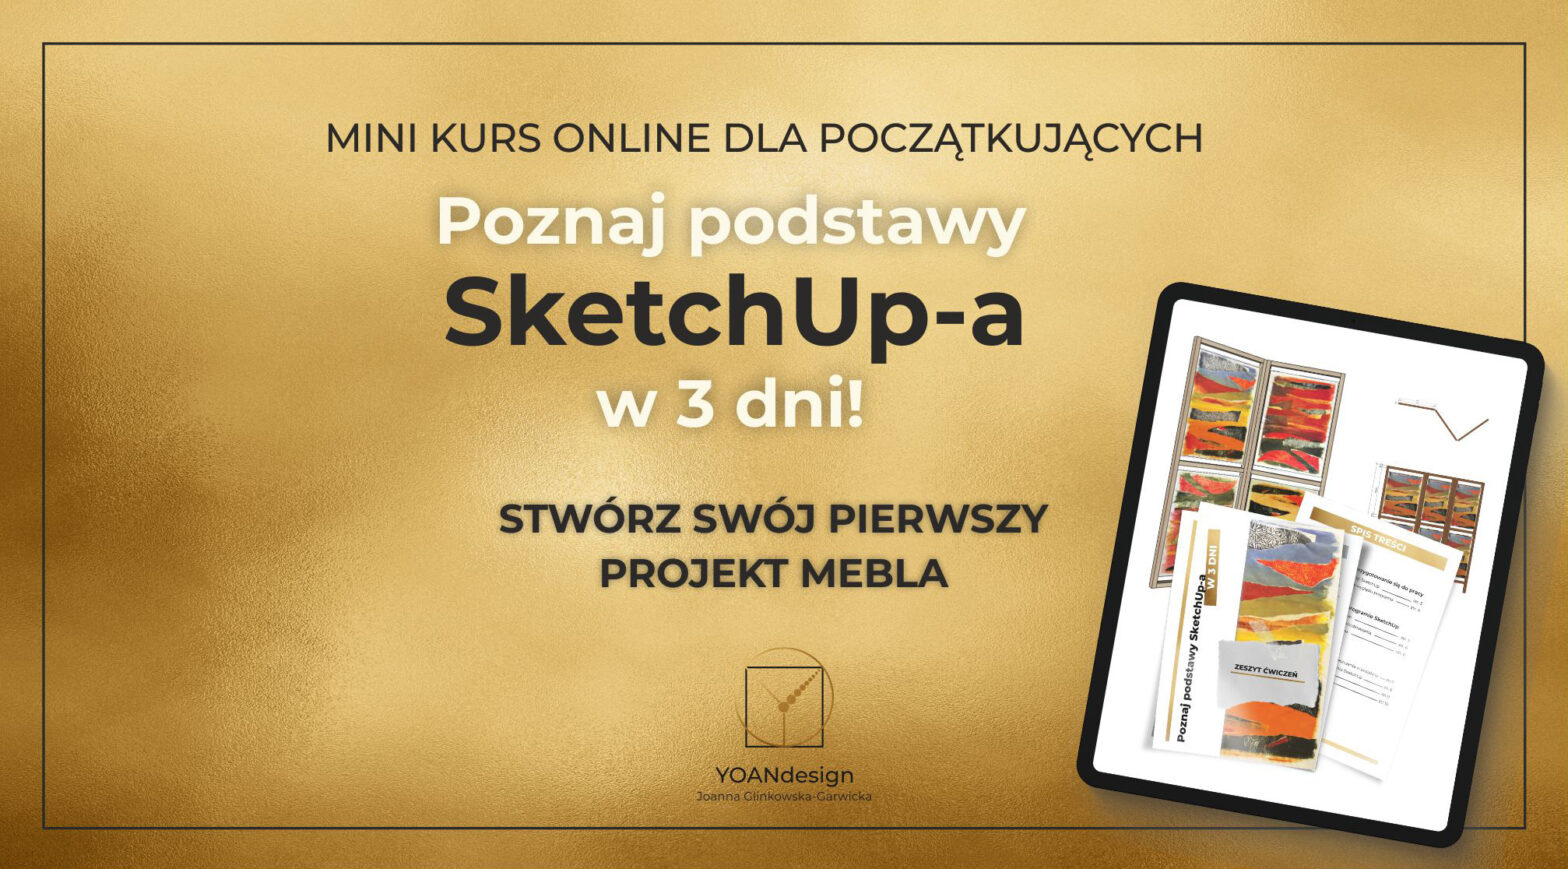 Poznaj podstawy SketchUp-a w 3 dni!